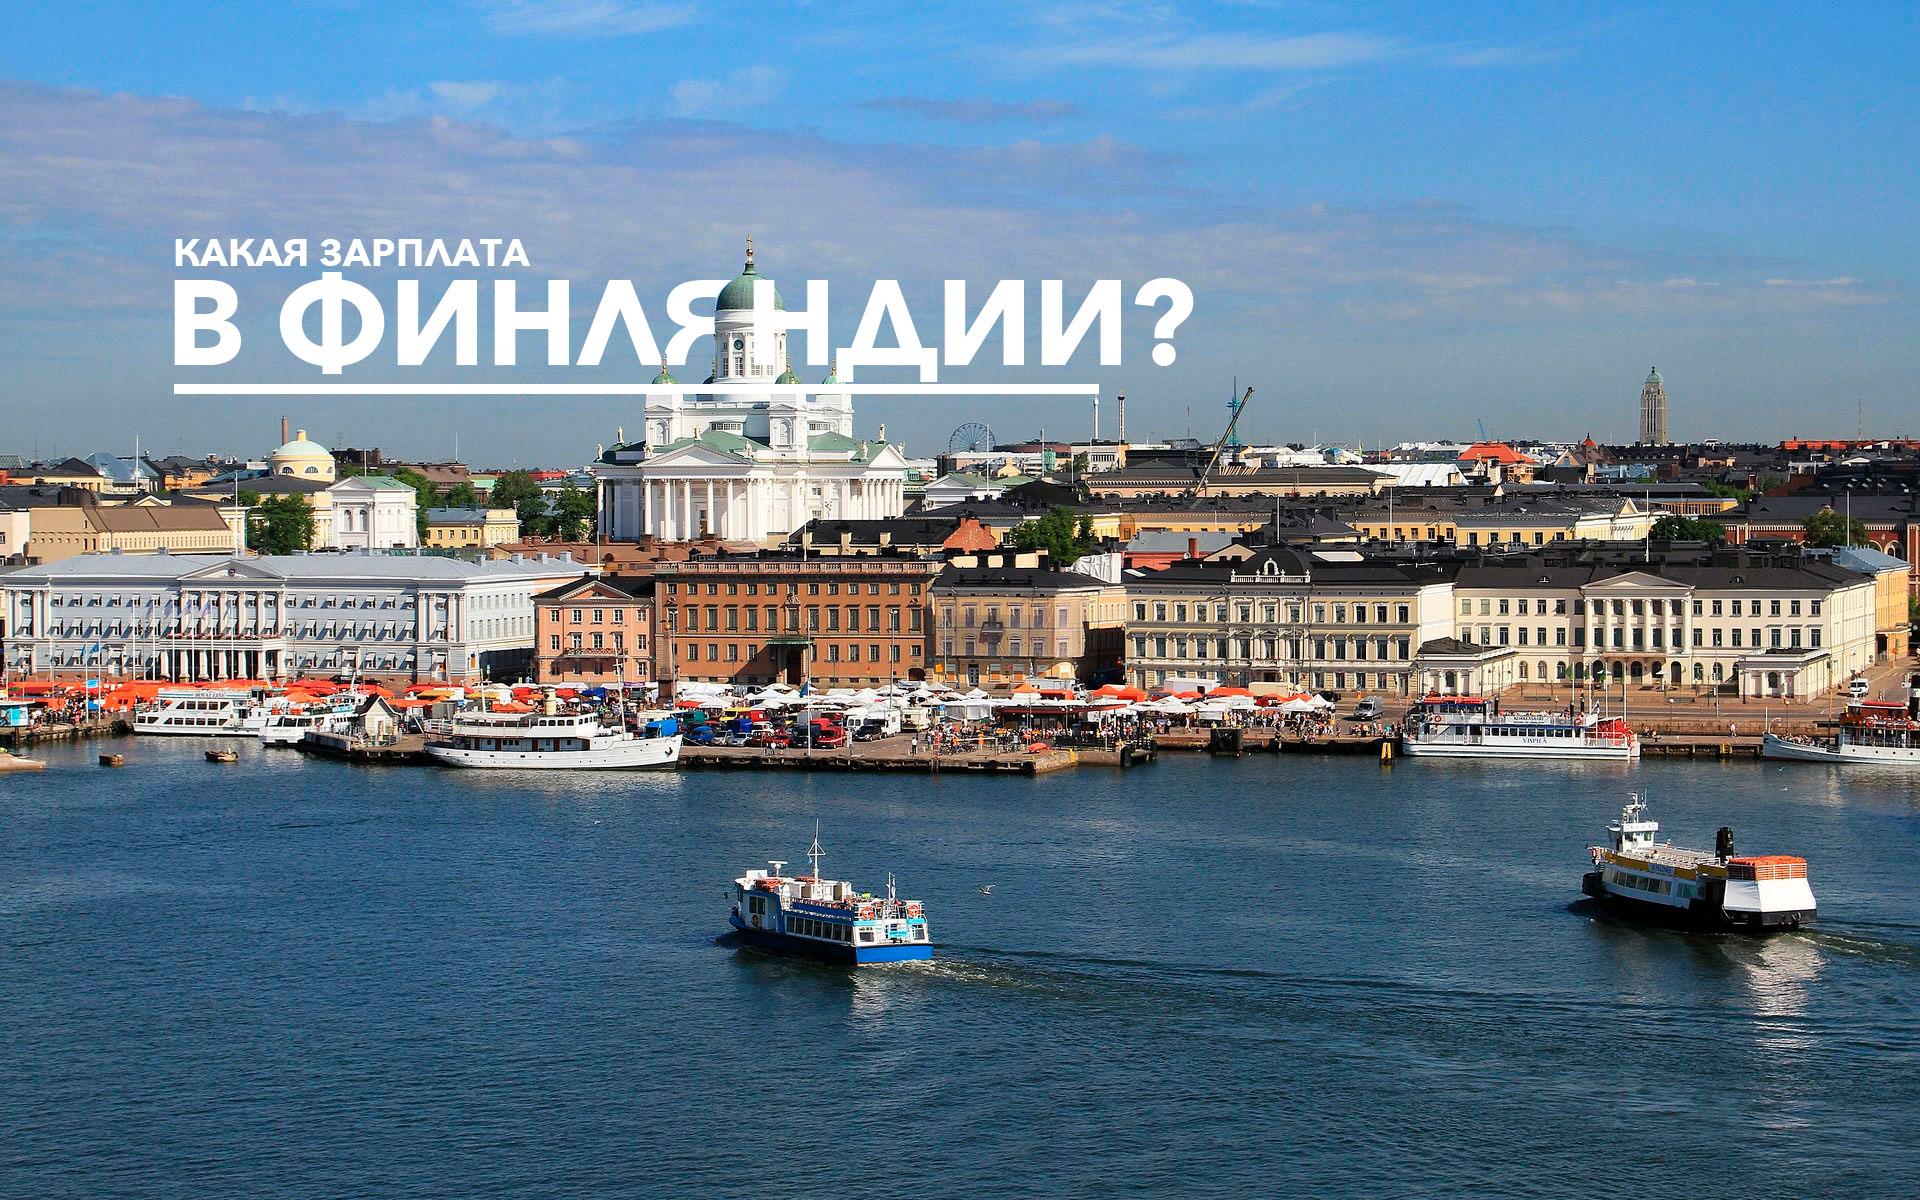 Средняя зарплата в Финляндии, Хельсинки и уровень жизни